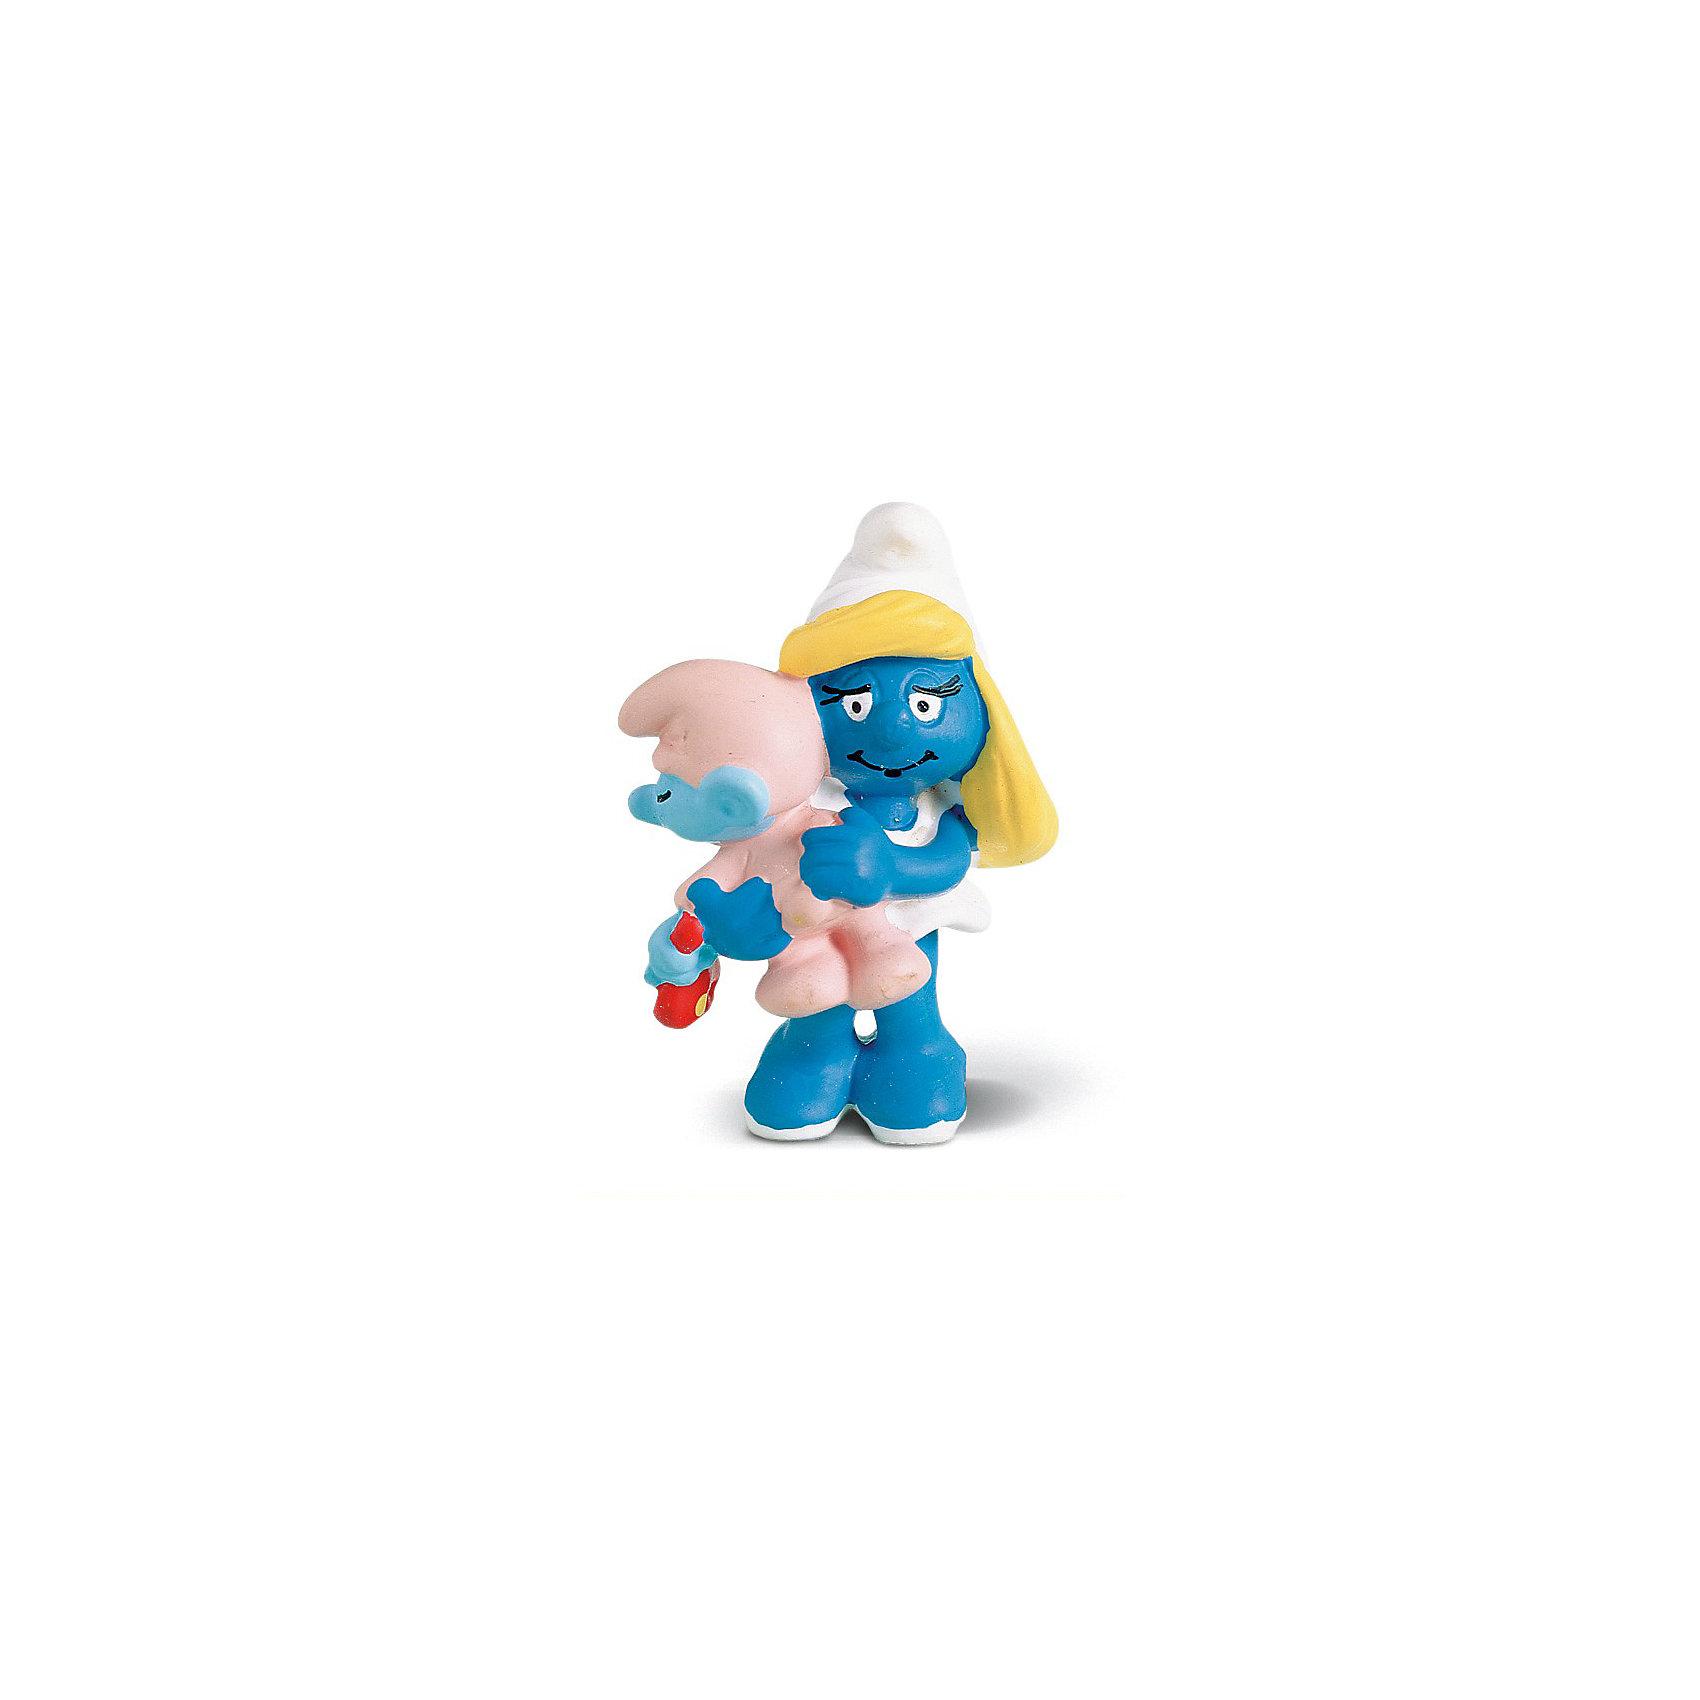 Фигурка Смурфики - Смурфетта с малышом, SchleichСмурфики Игровые наборы и игрушки<br>Характеристики:<br><br>• возраст: от 3-х лет<br>• материал: пластик каучуковый;<br>• тематика: «Смурфики»;<br>• высота фигурки: 5,5 см;<br>• вес: 30 г;<br>• размеры: 3,5х3,5х5,5 см;<br><br>Гномик с малышом, Schleich – эта фигурка смурфа, выполненная по мотивам популярного мультфильма «Смурфы в 3D». <br><br>Игрушка выполнена в миниатюрном размере. Полностью соответствует облику экранного прототипа: у гномика белое платье и колпачок. На руках держит малыша-смурфа, одетого в розовый комбинезон.<br><br>Фигурки от Шляйх выполнены из экологически безопасного каучукового пластика, который устойчив к появлению царапин и сколов. Гномик раскрашен вручную, что обеспечивает высокую детализацию даже самых мелких деталей и элементов.<br><br>Гномика с малышом, Schleich можно купить в нашем интернет-магазине.<br><br>Ширина мм: 71<br>Глубина мм: 48<br>Высота мм: 27<br>Вес г: 18<br>Возраст от месяцев: 36<br>Возраст до месяцев: 2147483647<br>Пол: Унисекс<br>Возраст: Детский<br>SKU: 1599939